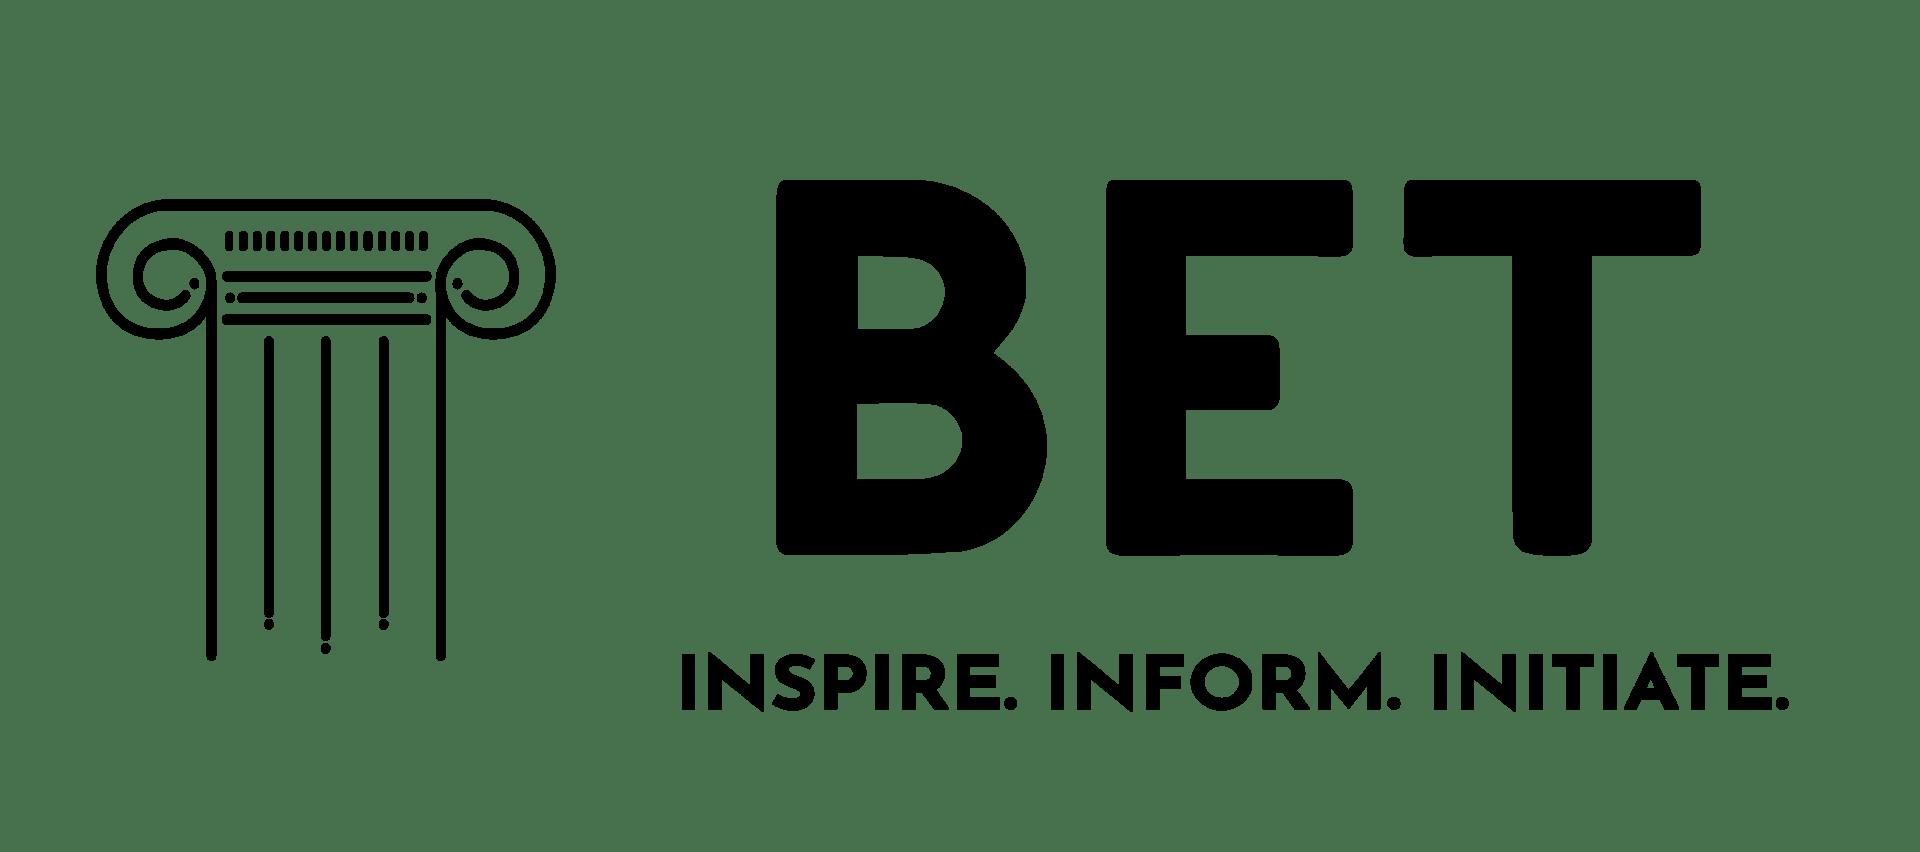 B.E.T. Inspire. Inform. Initiate.